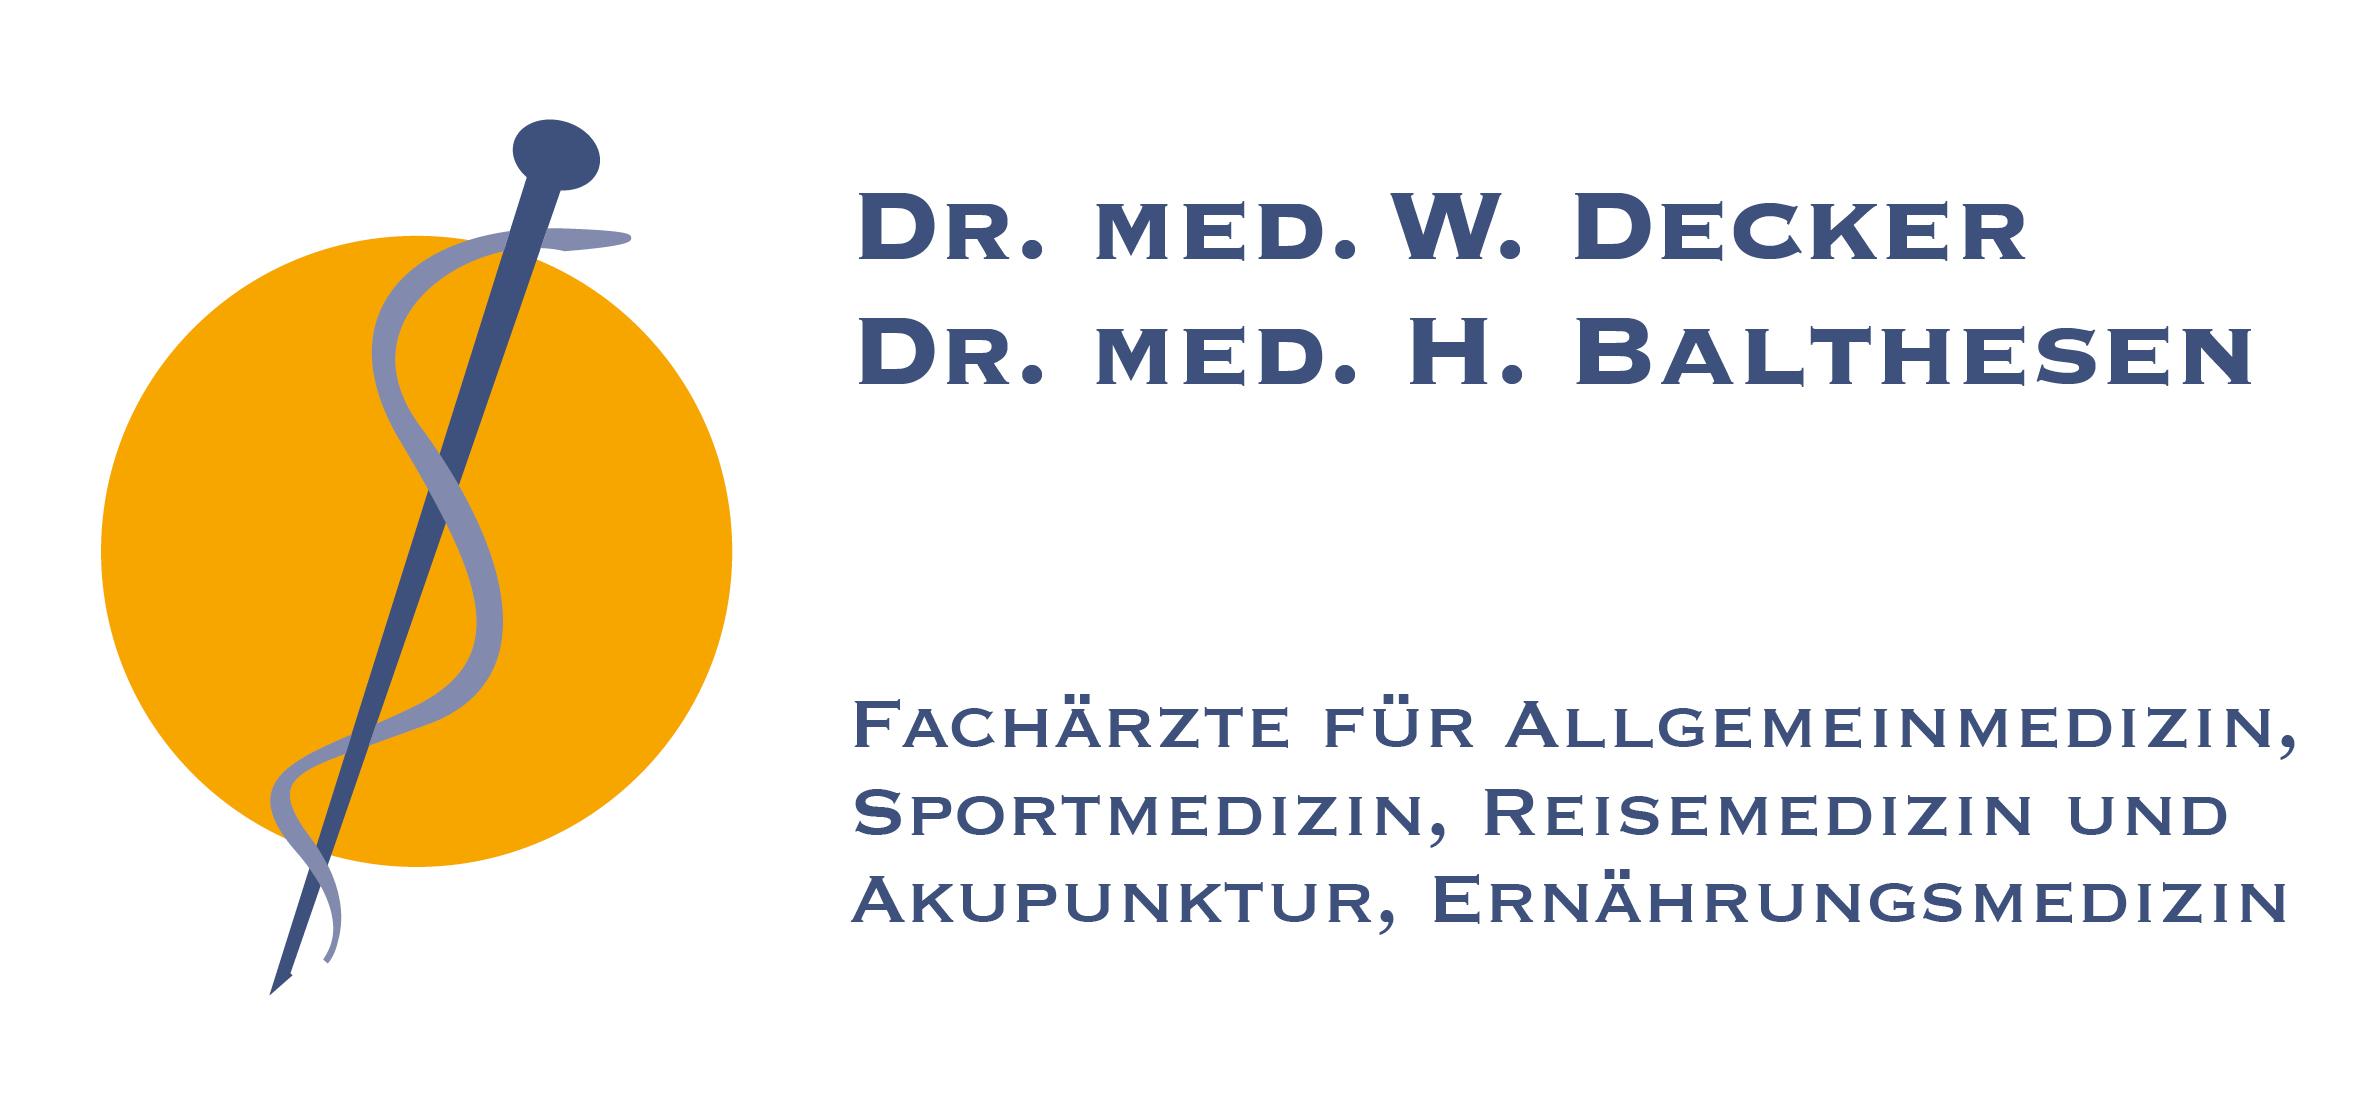 Praxis Decker & Balthesen Logo